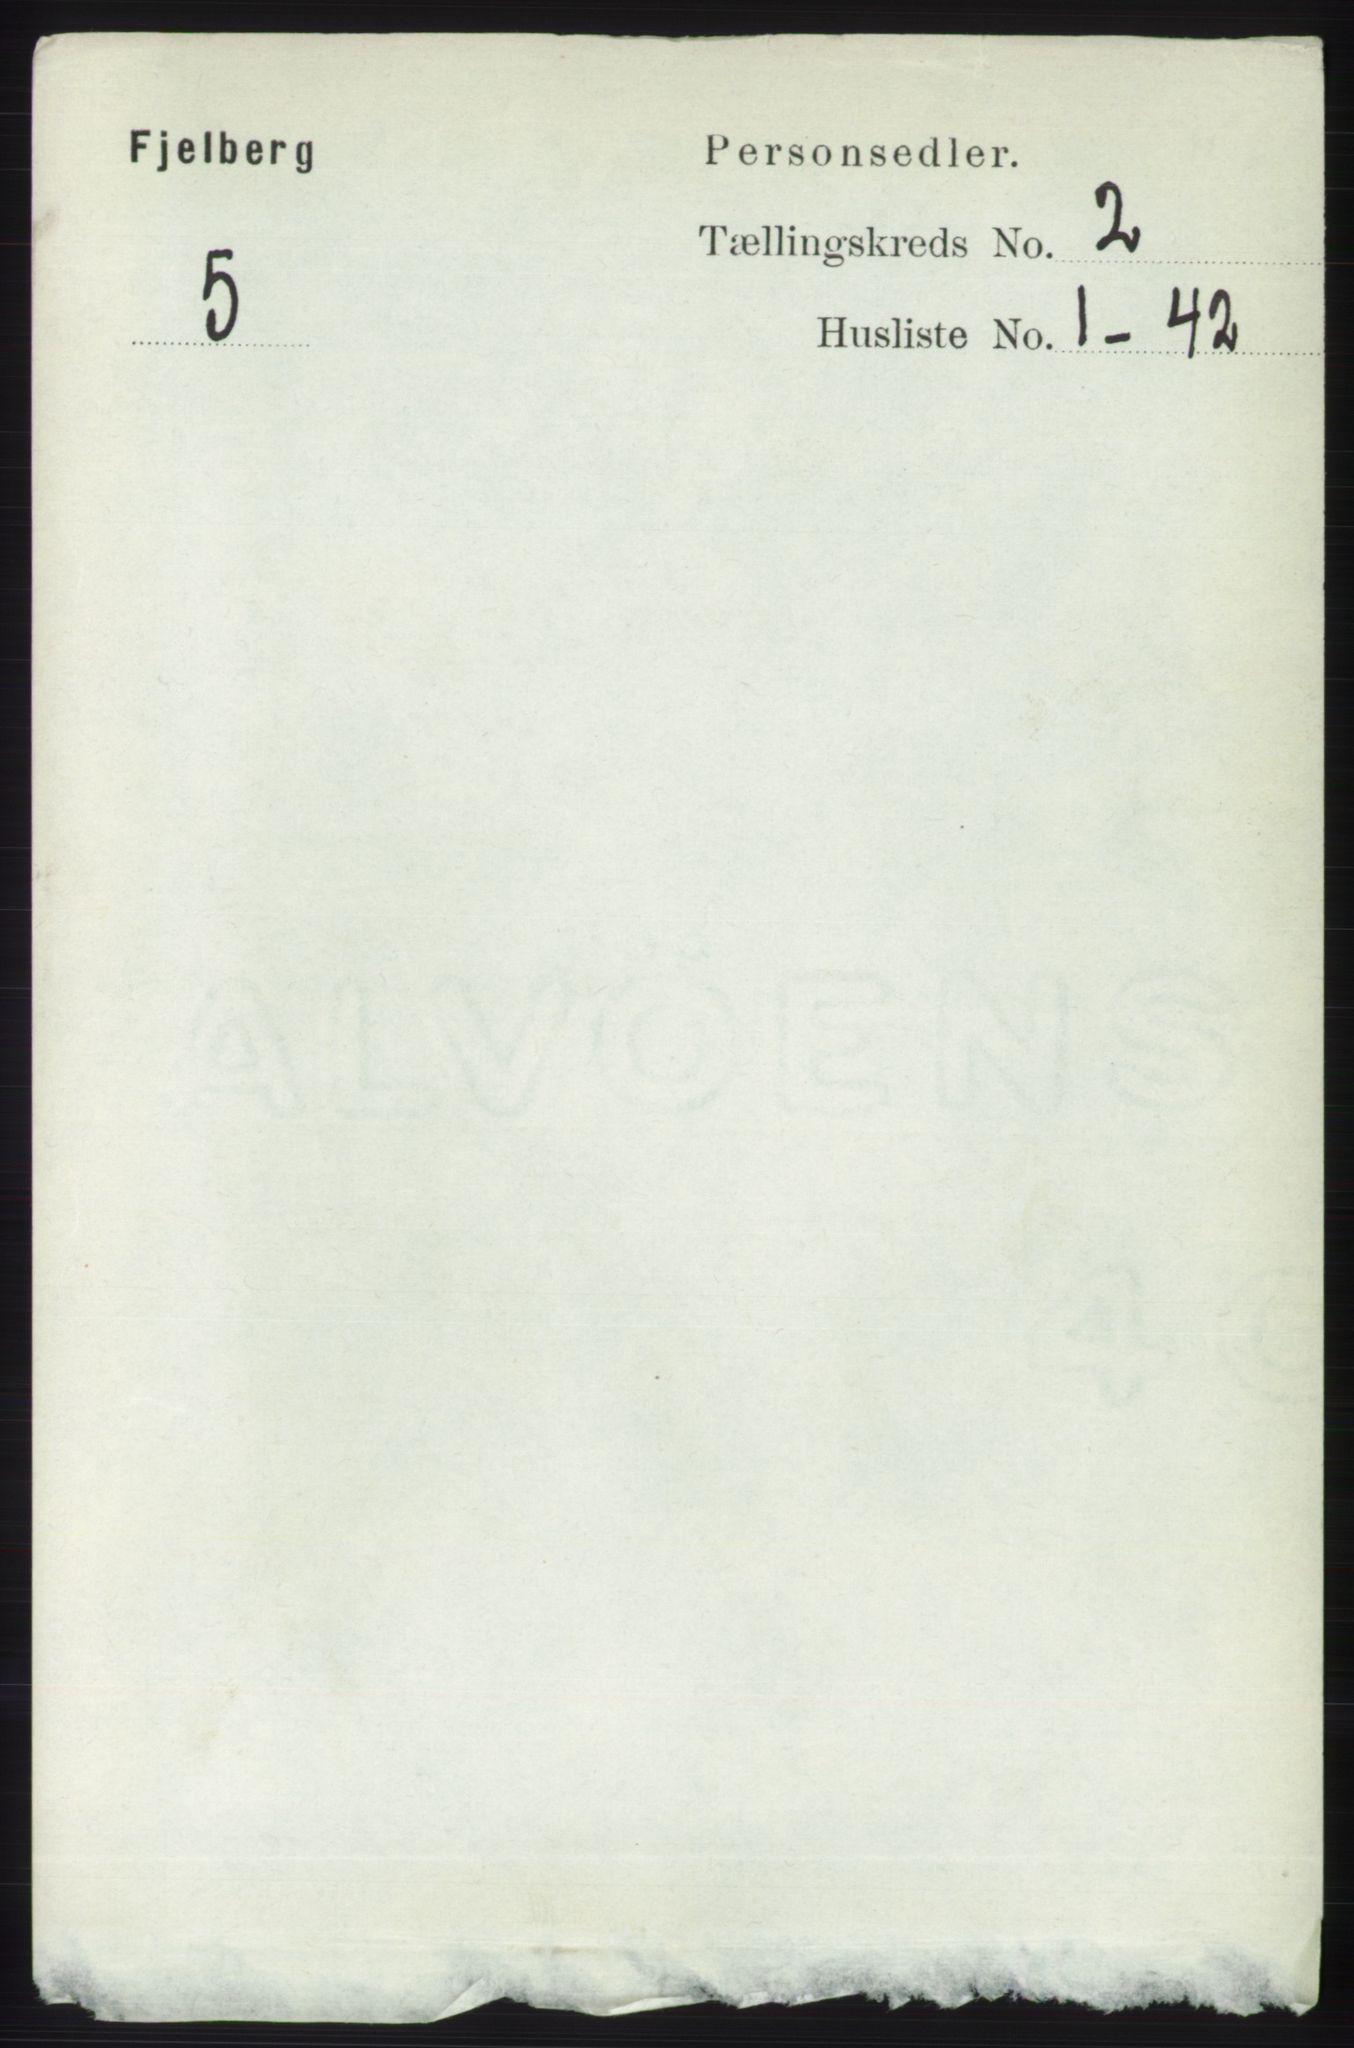 RA, Folketelling 1891 for 1213 Fjelberg herred, 1891, s. 501